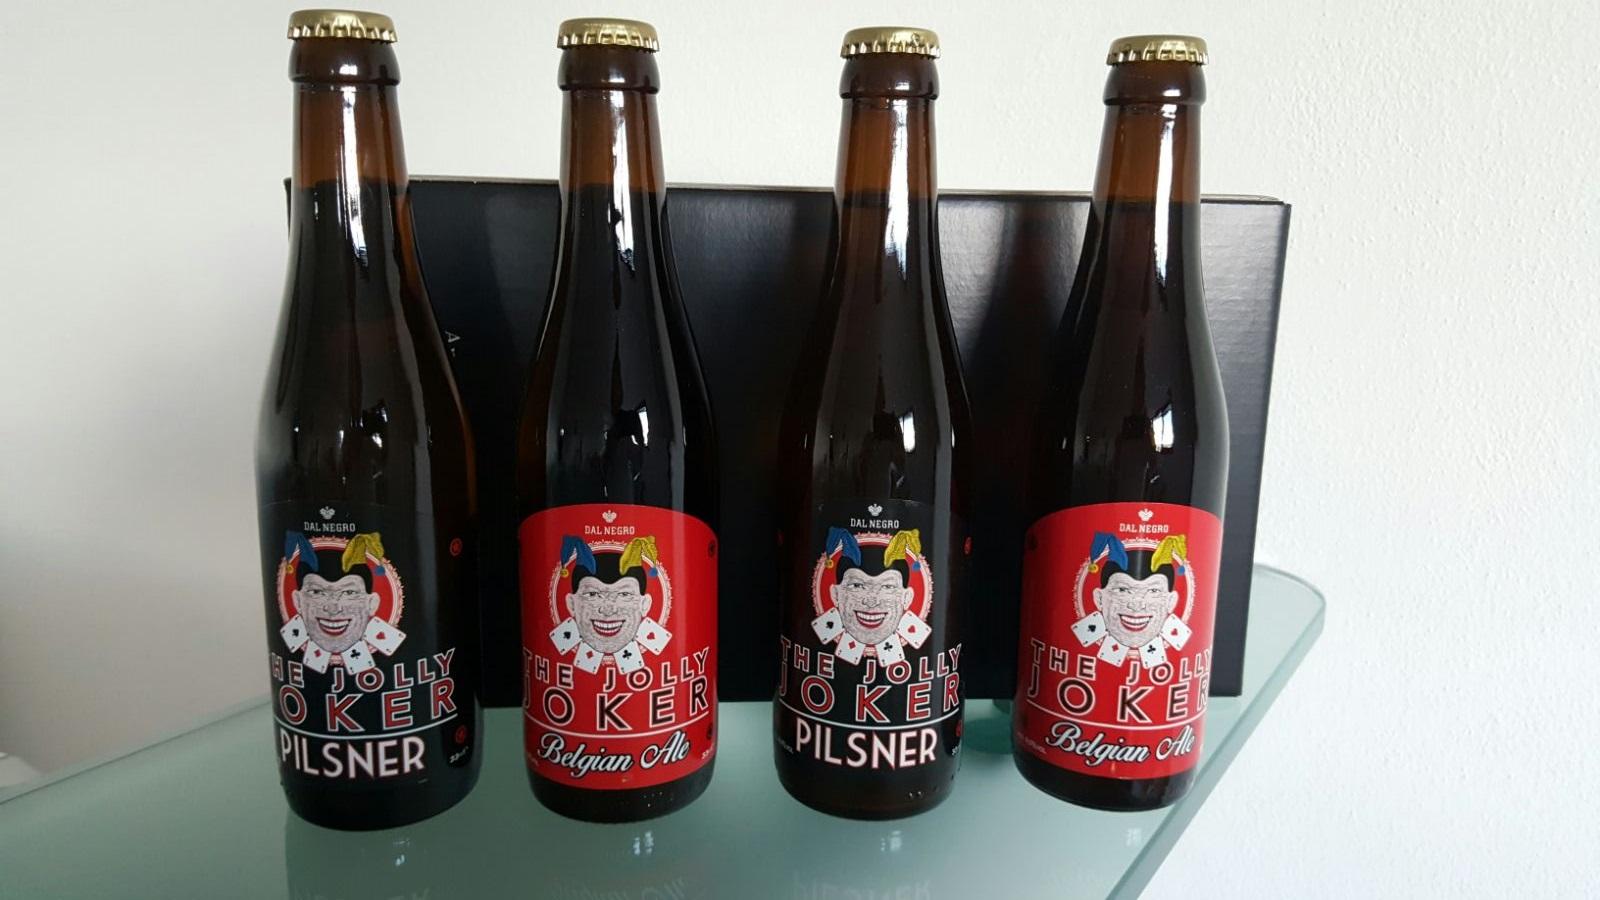 The Jolly Joker Beer: l'artigianale di qualità che incontra il licensing